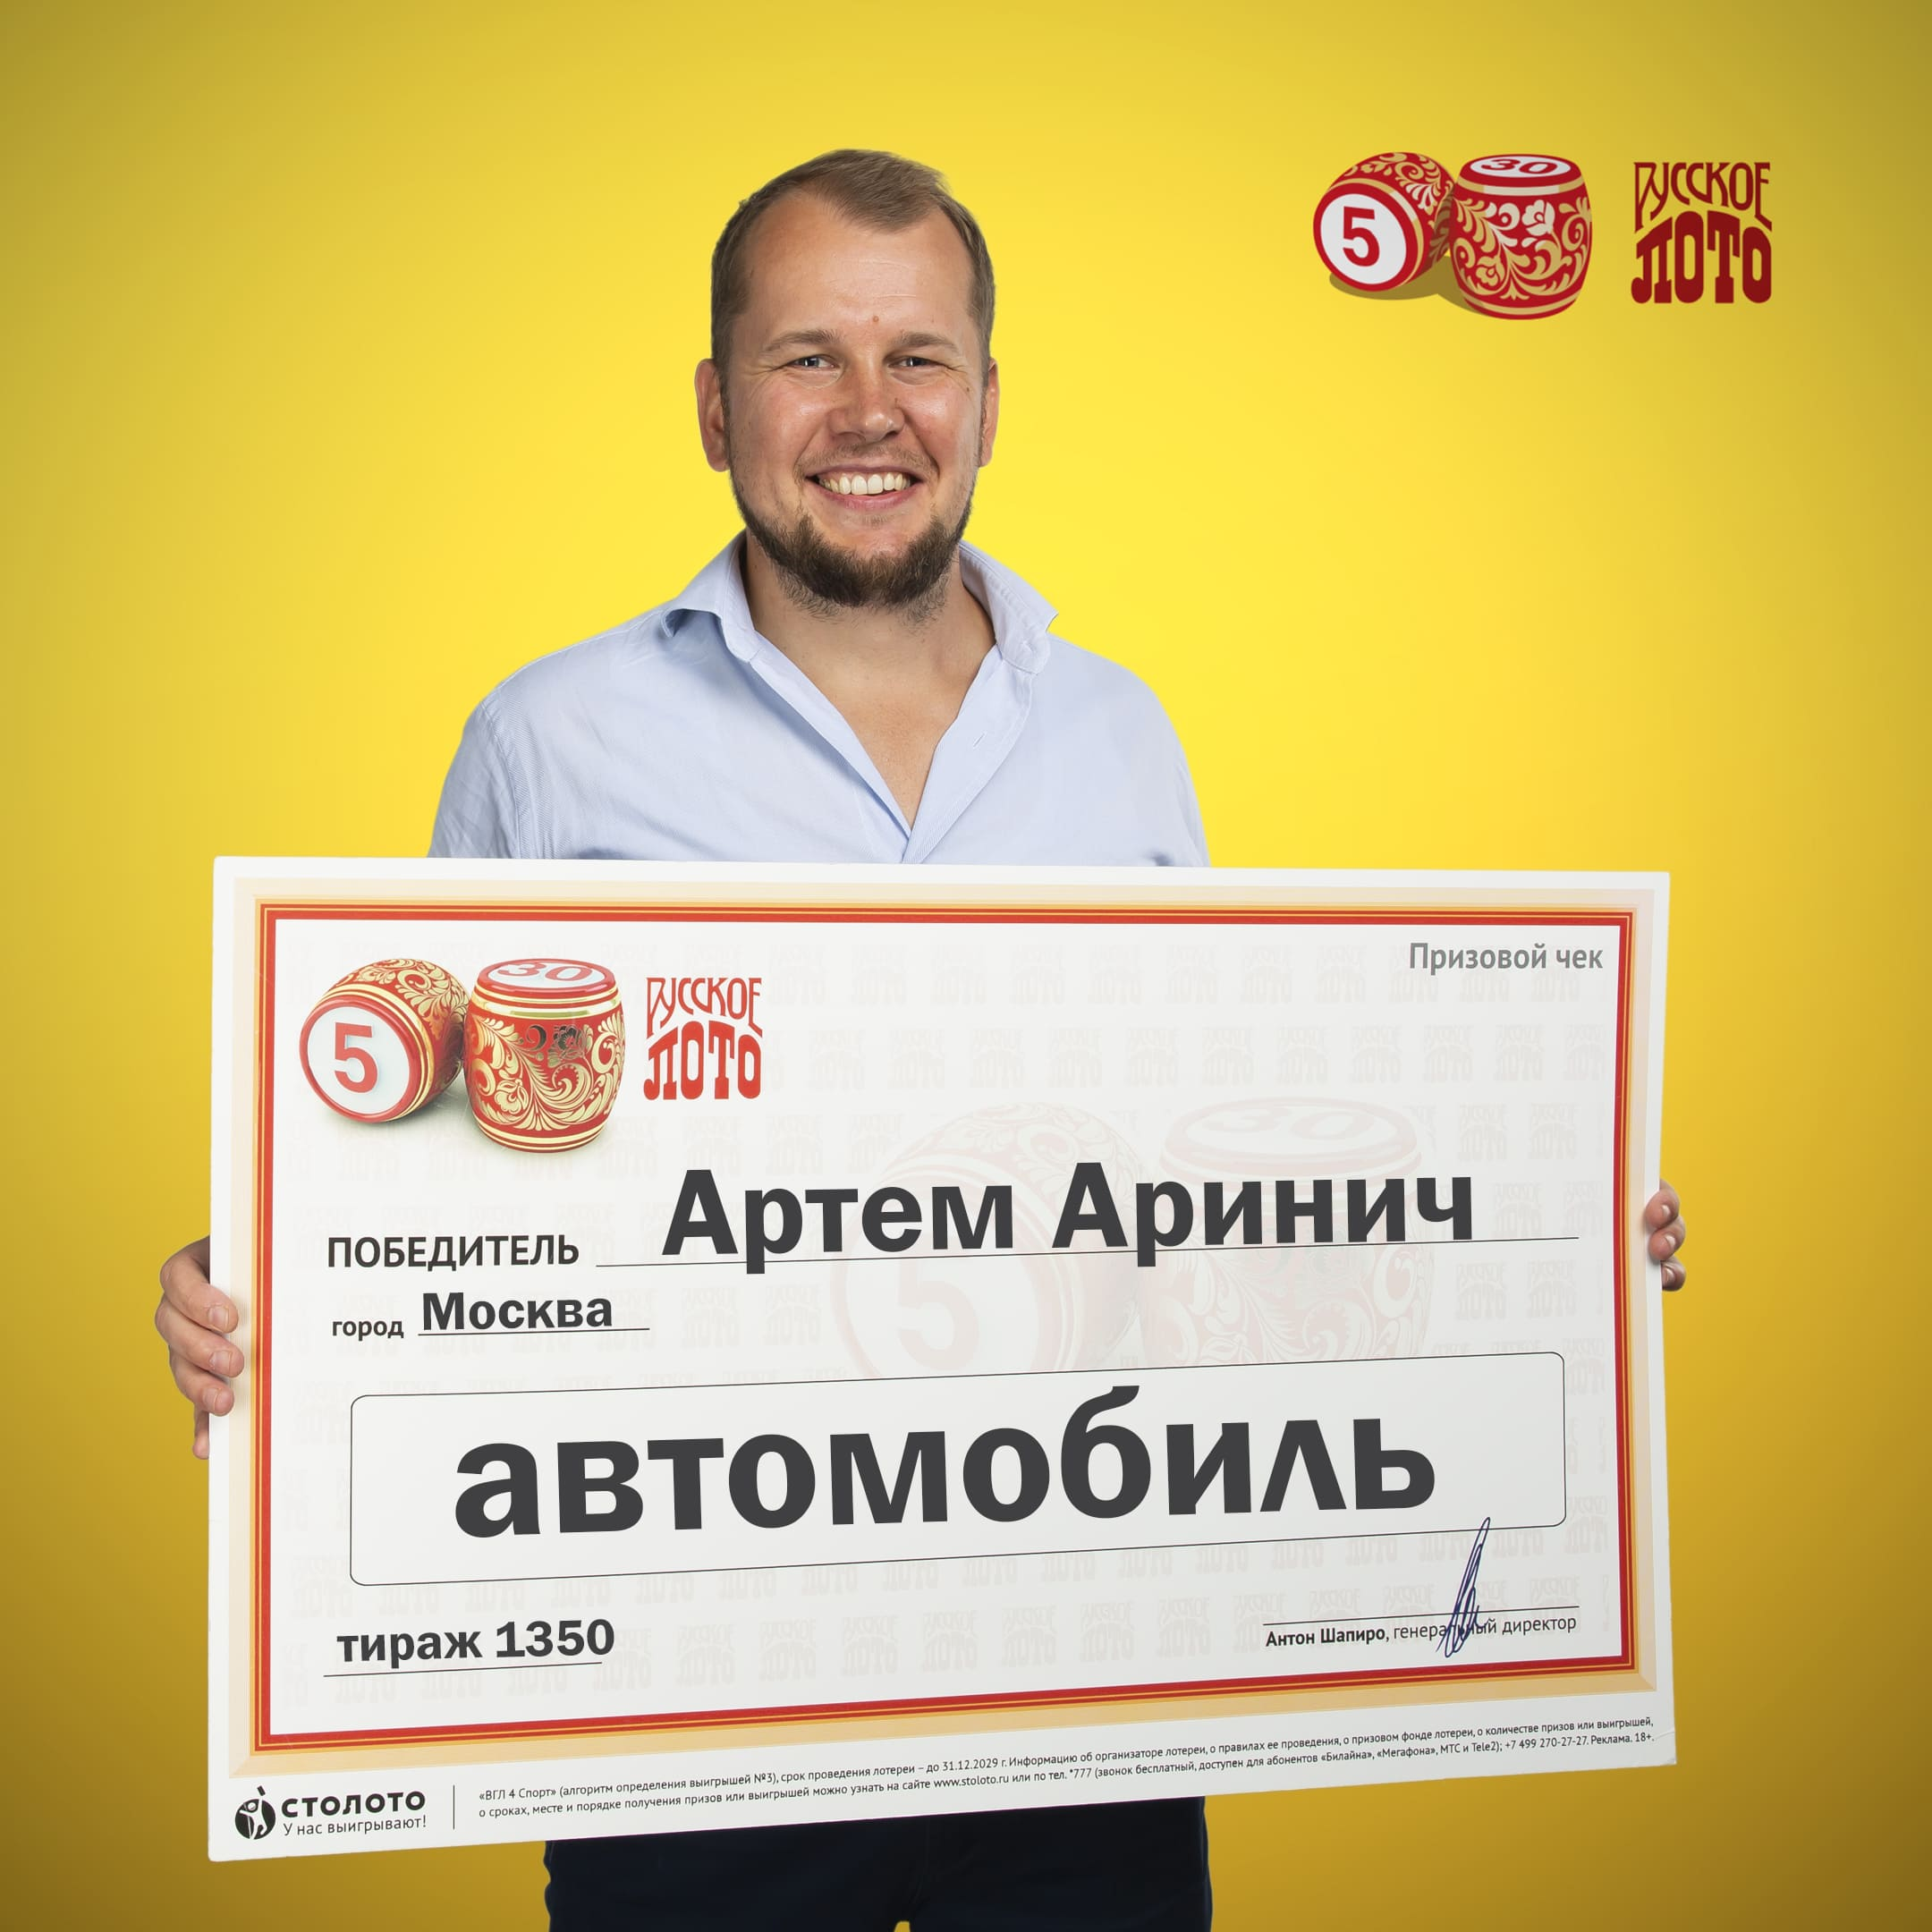 «топ-3»: правила игры, условия выигрыша и что можно выиграть в лотерею «топ-3»